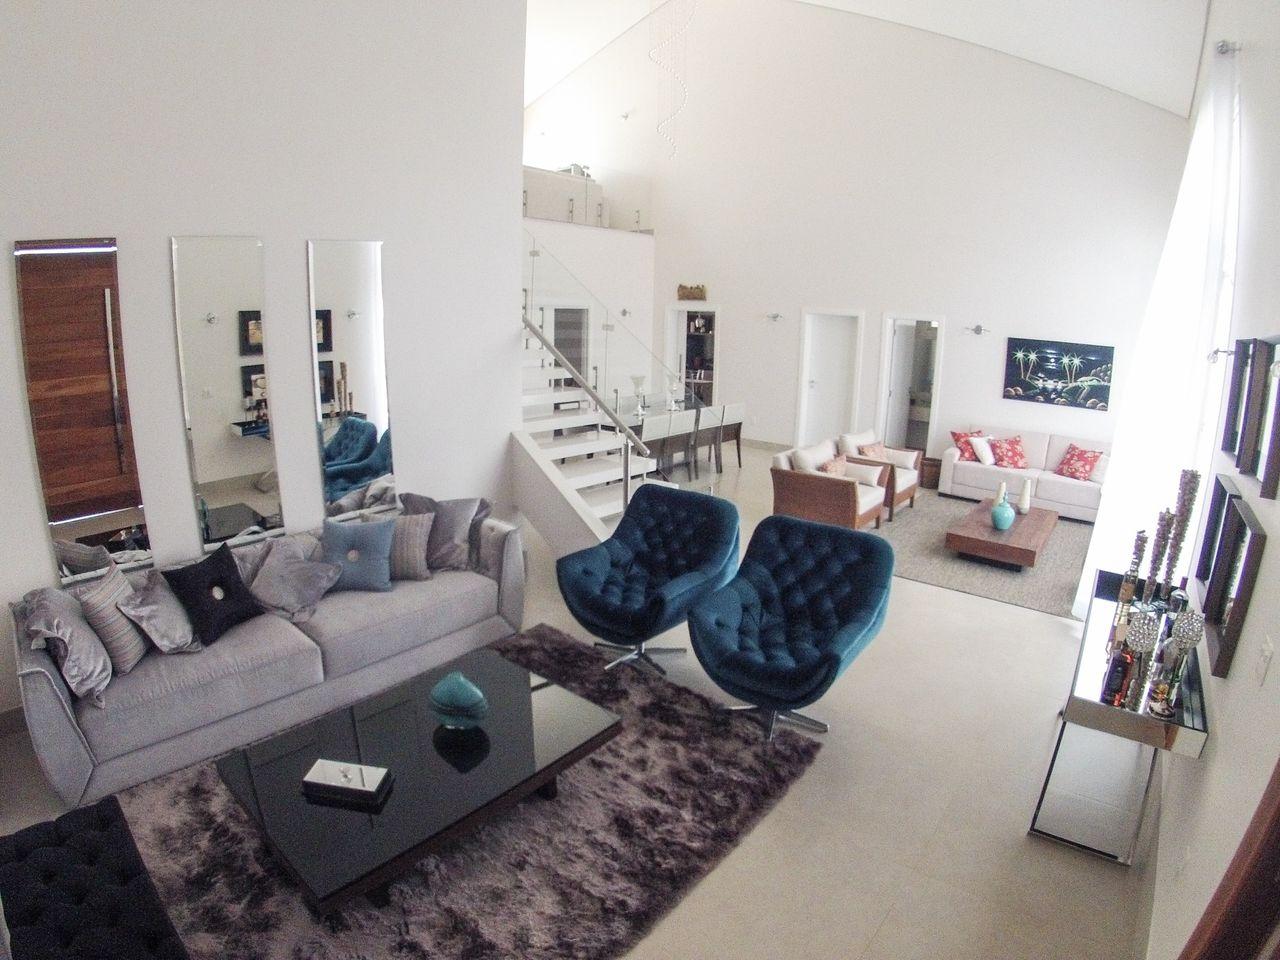 Sala De Estar Com Espelhos E Sof Cinza De Arquiteto Caio Pelisson  -> Sala Sofa Cinza E Azul